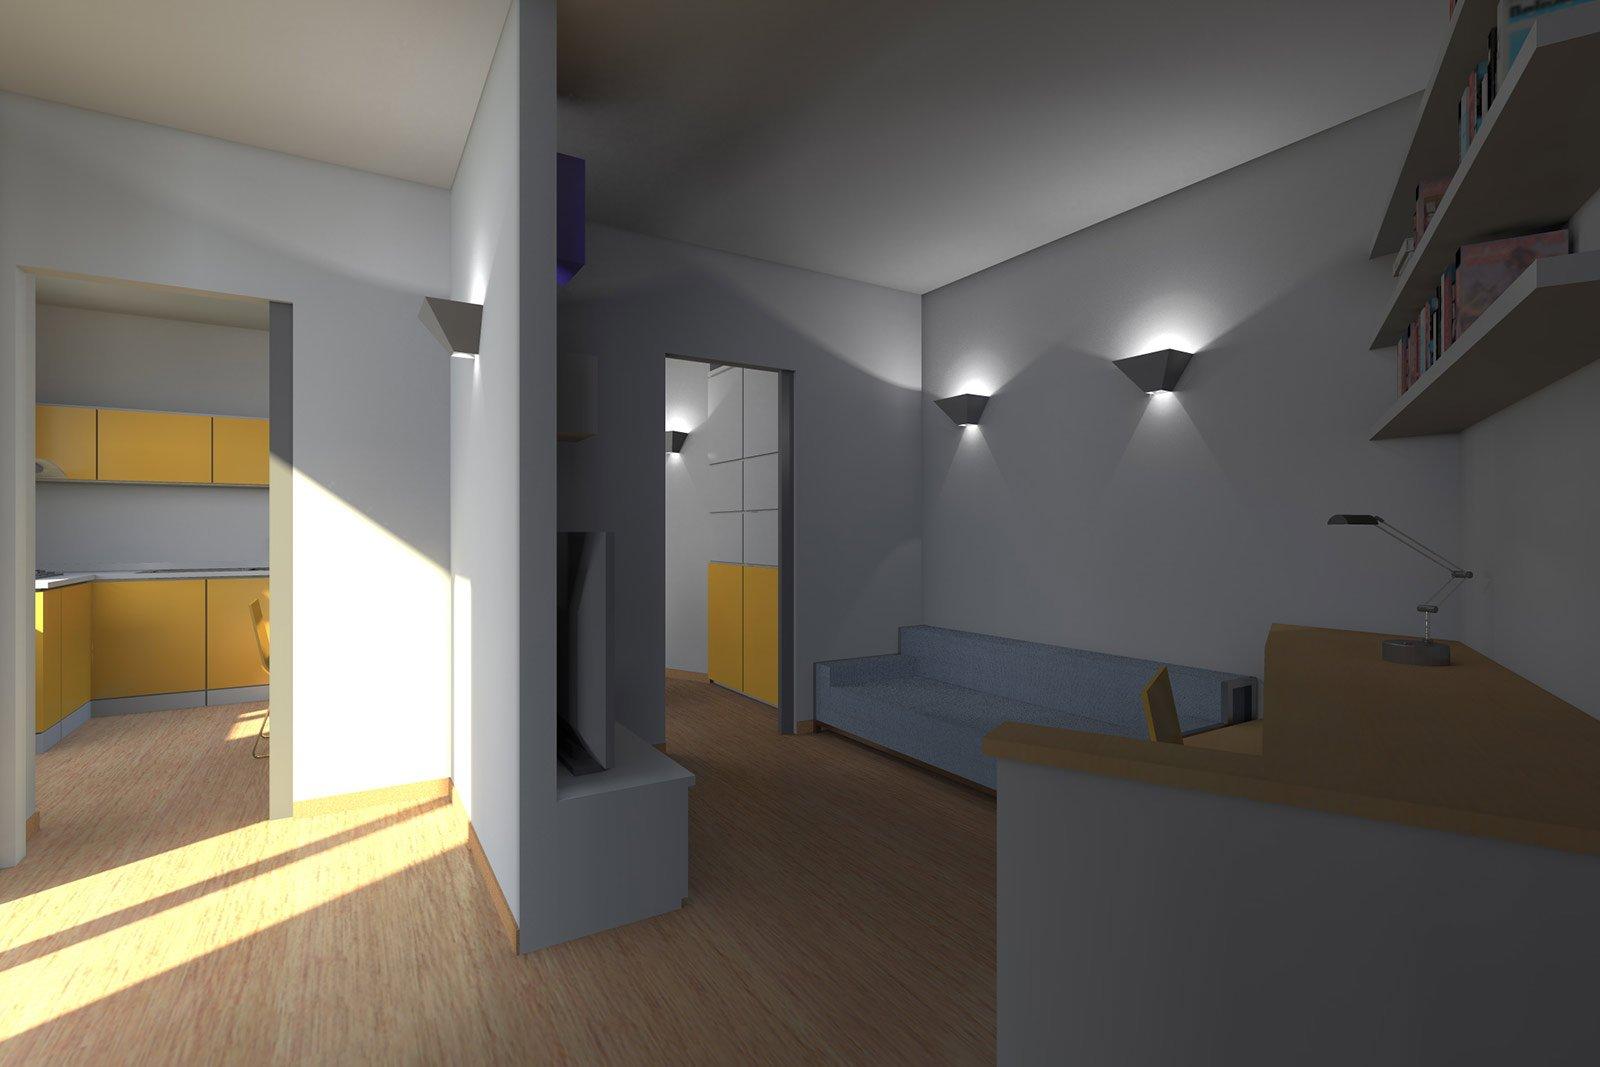 Zona Giorno Open Space: Come Separare Le Funzioni Cose Di Casa #A1892A 1600 1067 Come Arredare Cucina A Vista